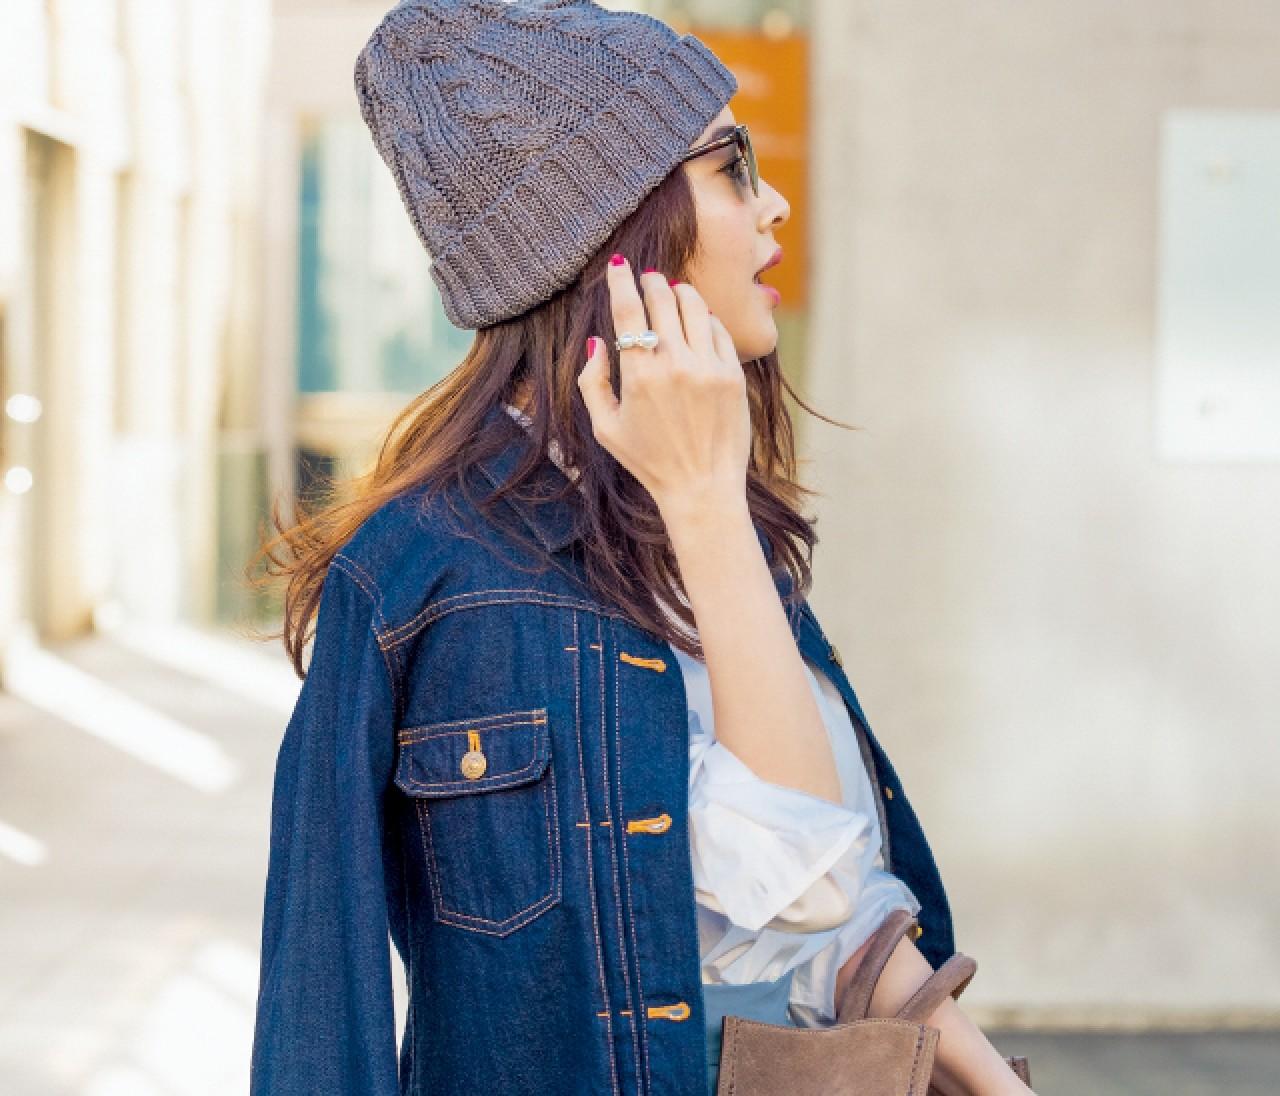 ニット帽が春のこなれスタイルに効く件♥︎